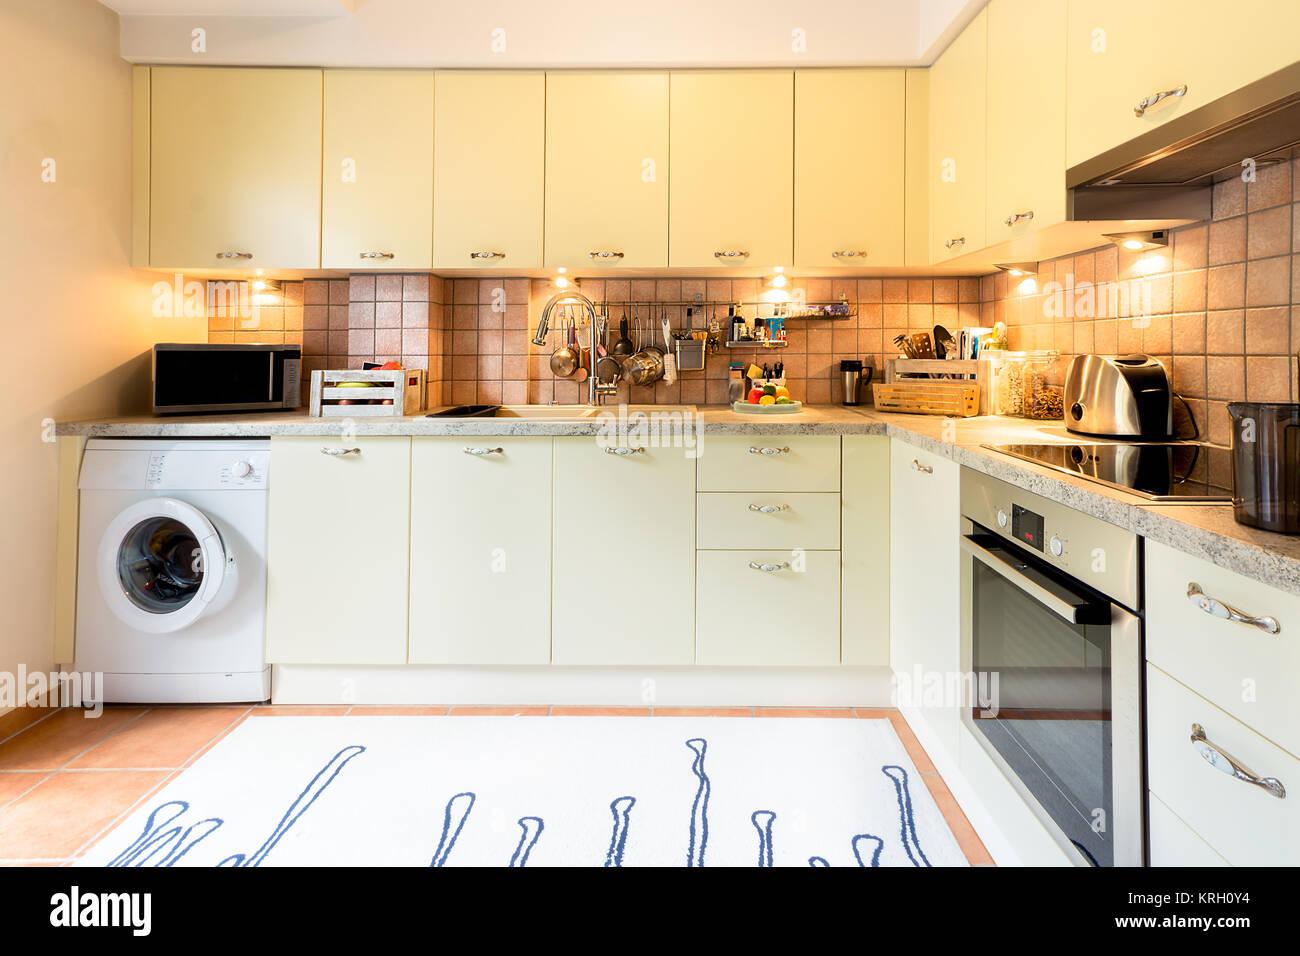 Meuble Cuisine Four Et Micro Onde une cuisine moderne avec armoires et meubles de rangement